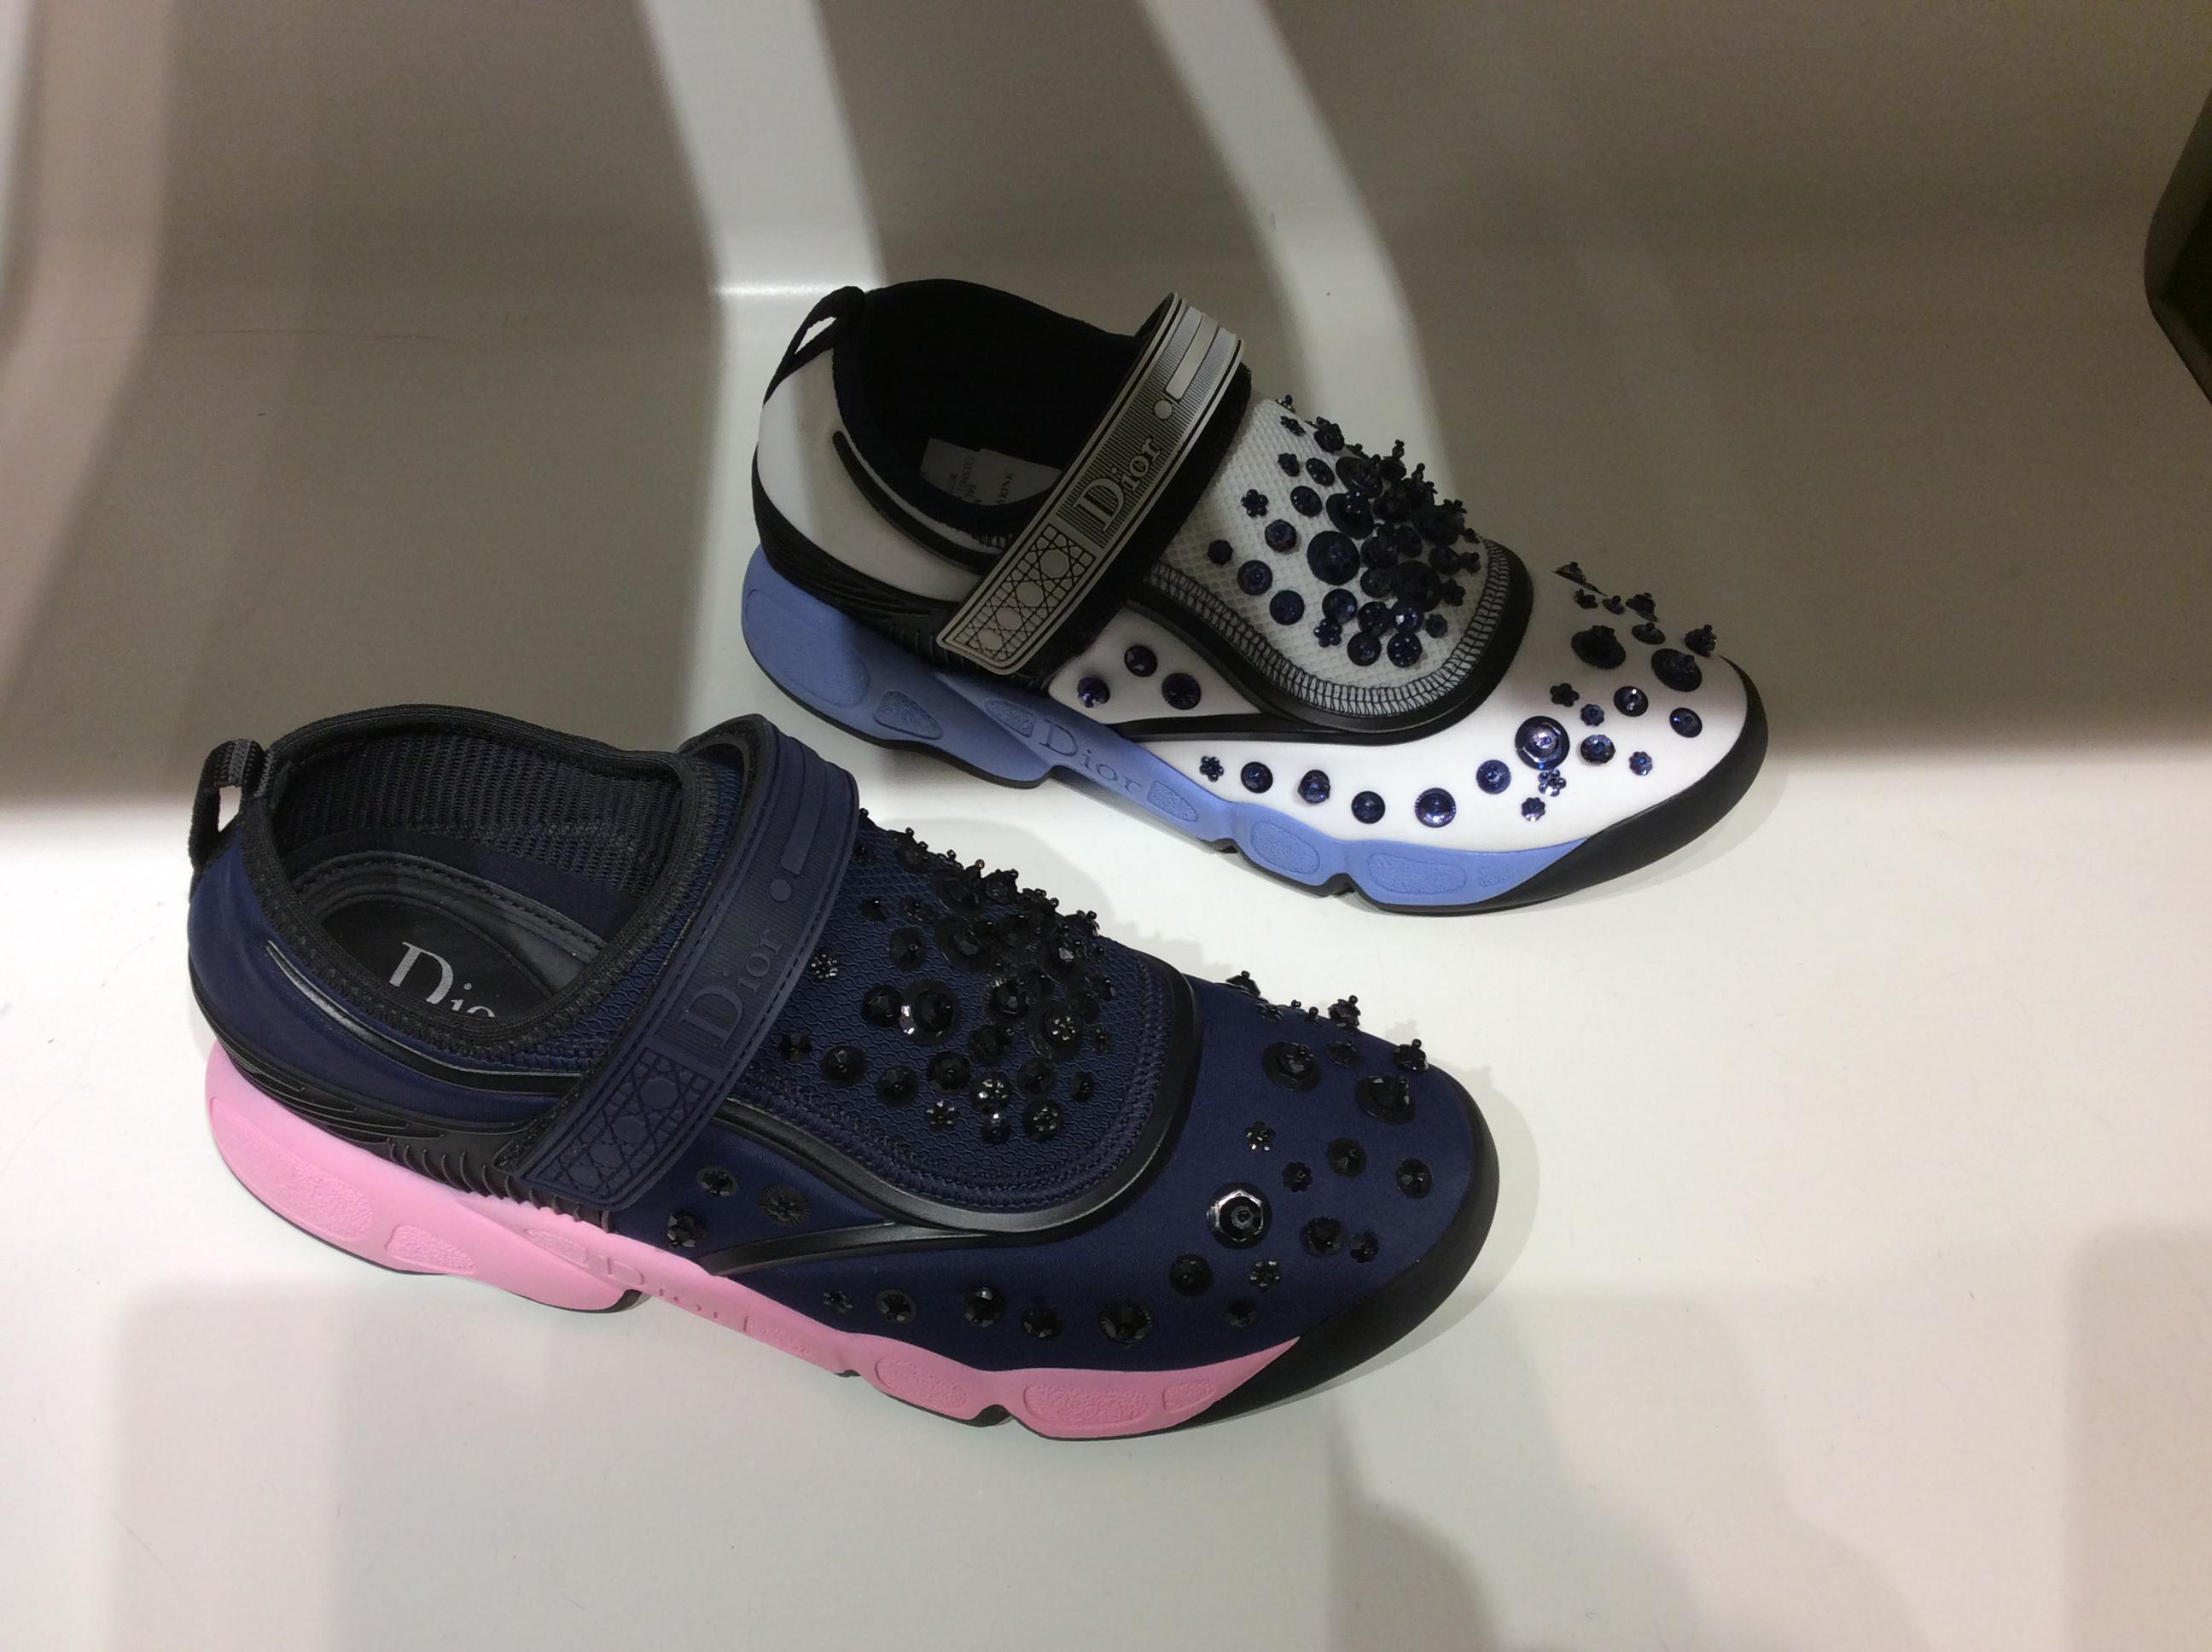 Dior-Shoes-Bloomingdales-04